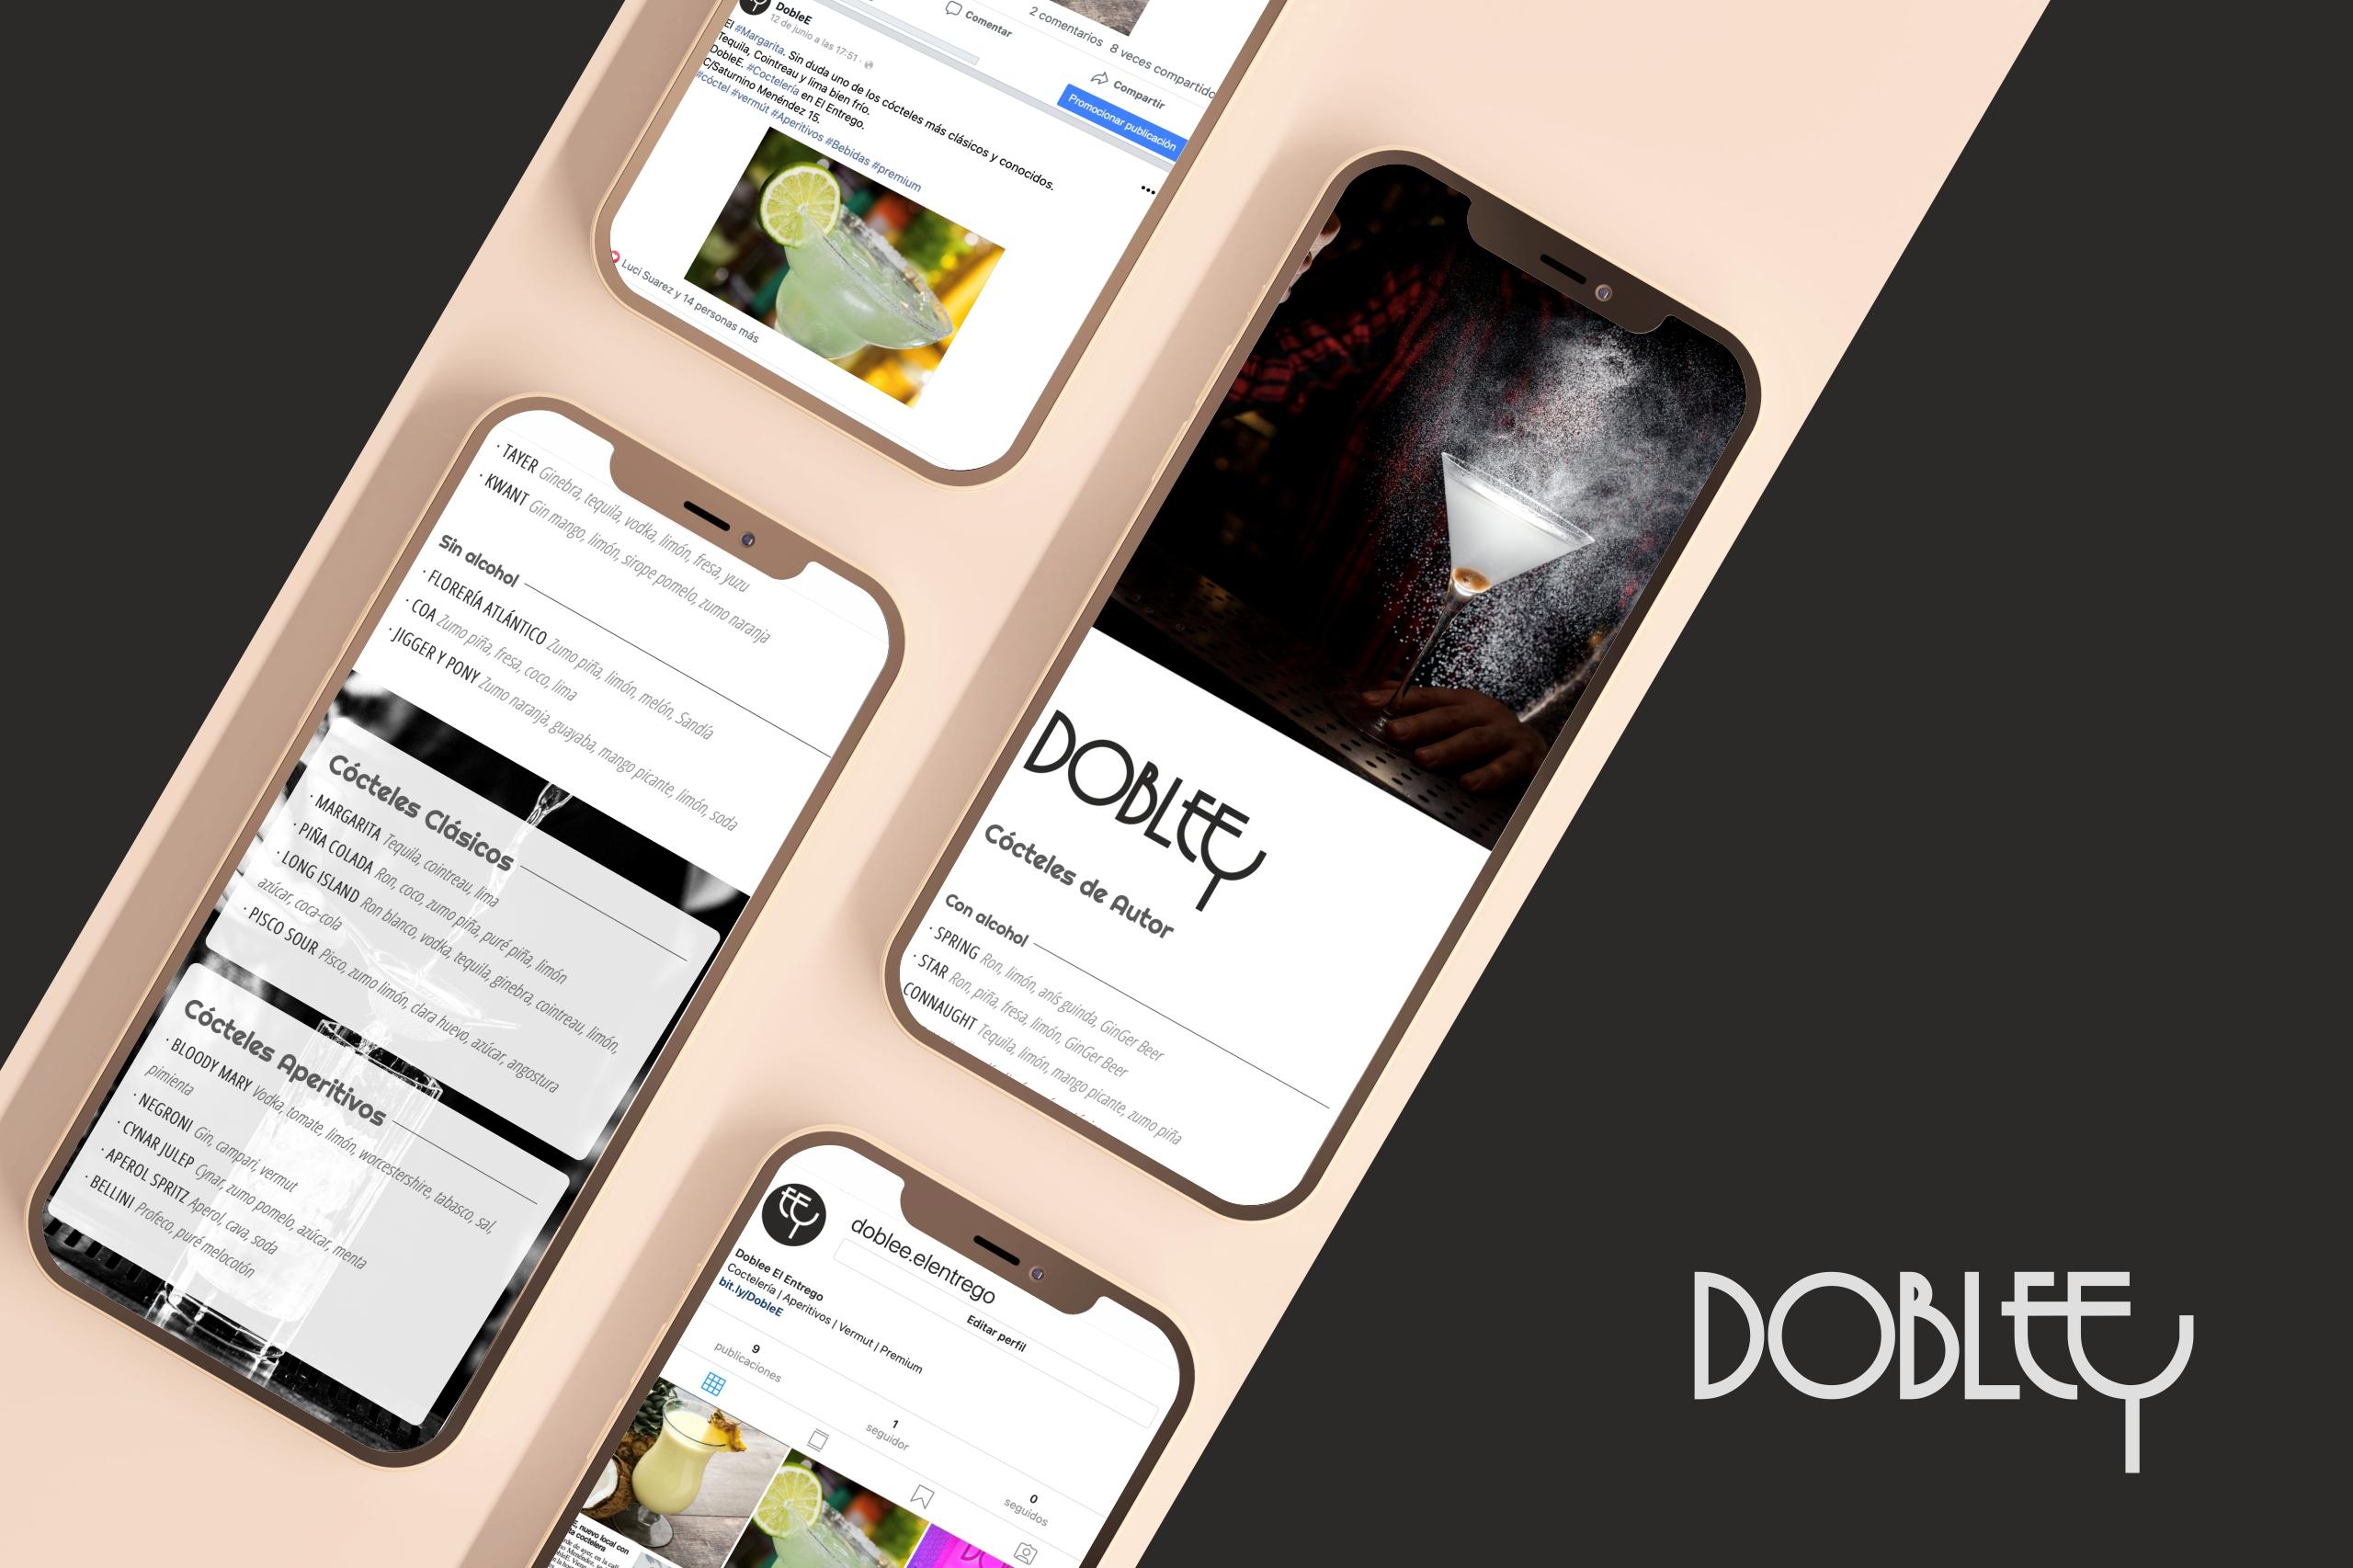 doblee-aplicacioness